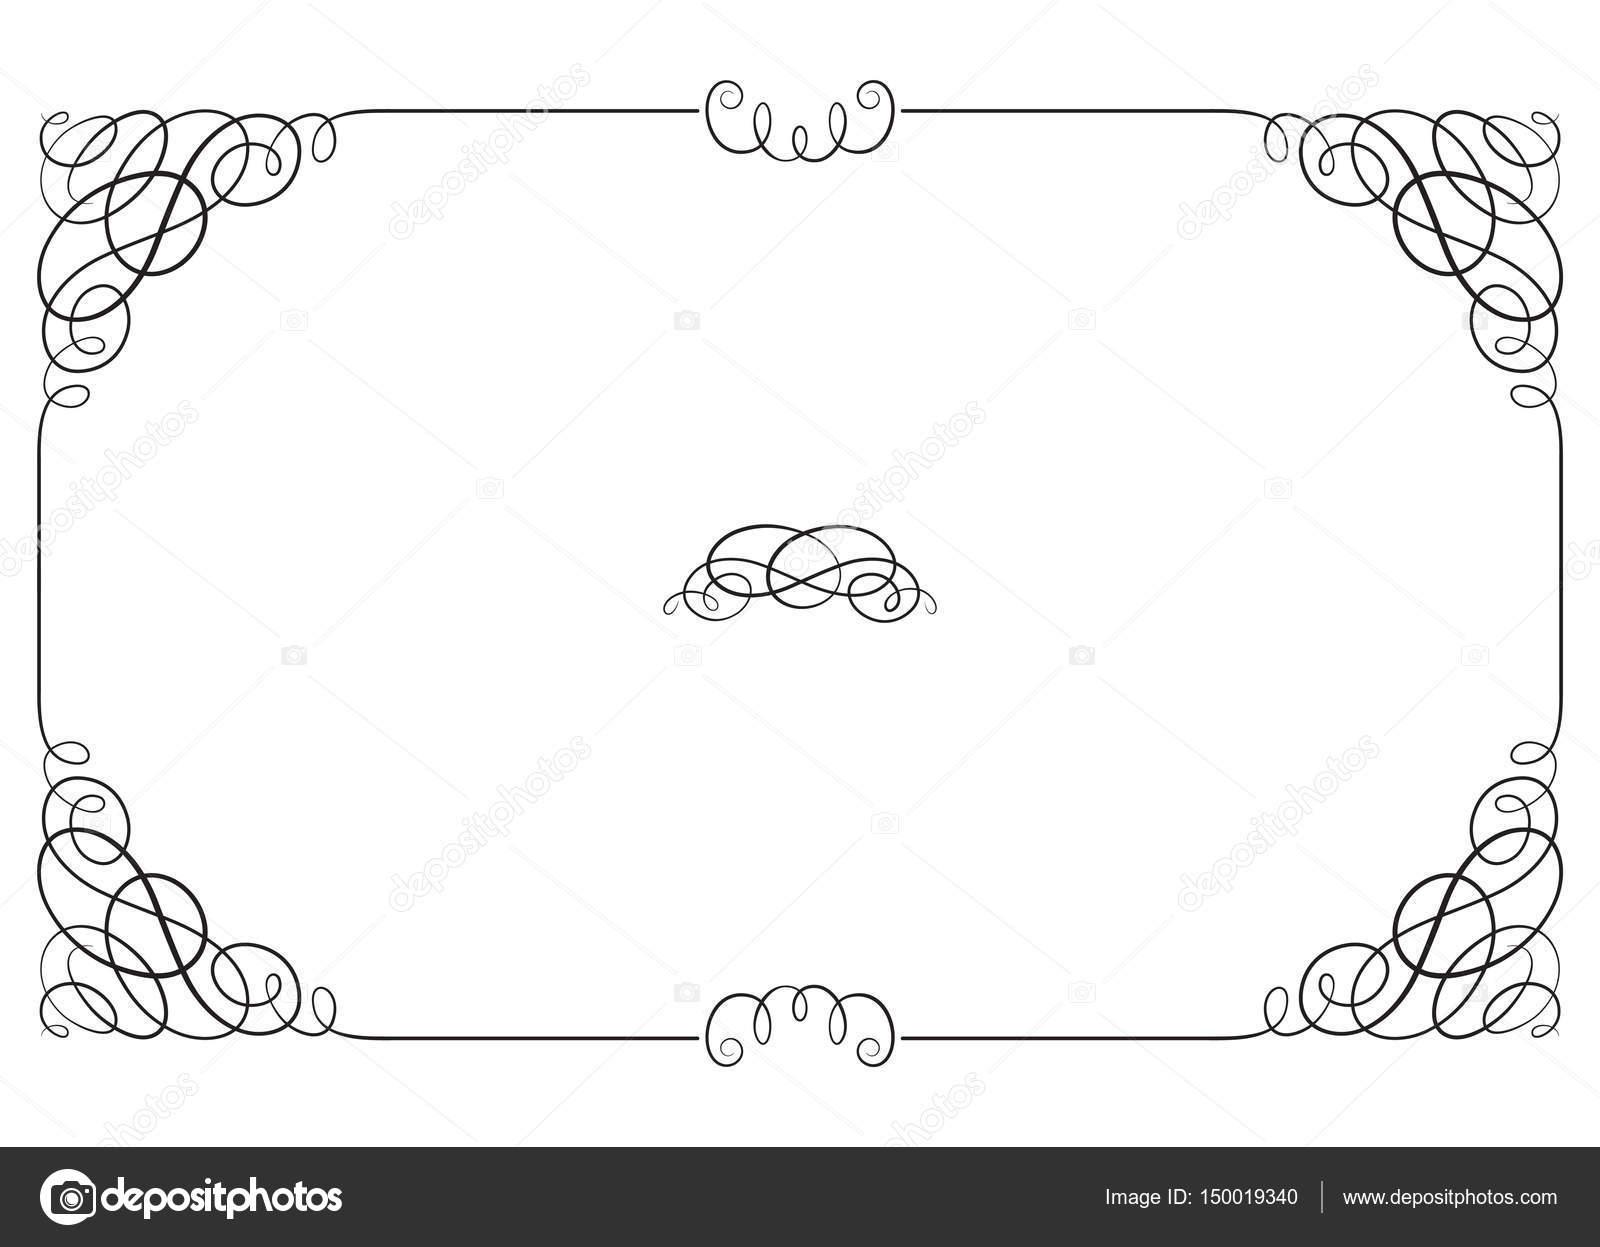 Schwarze rechteckige verzierten Rahmen mit Vignette Ecken. Vignette ...